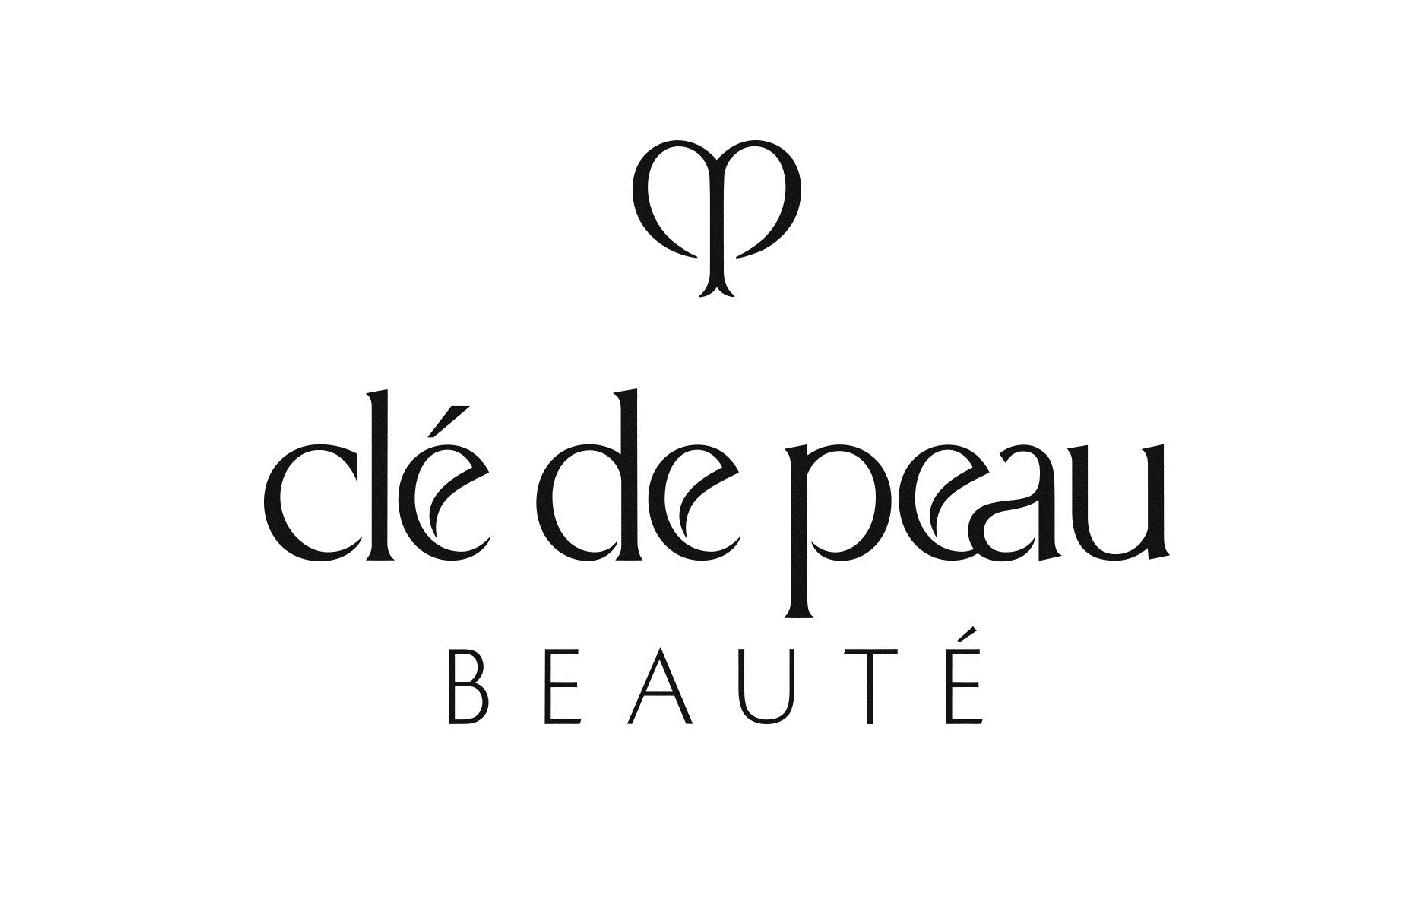 Cle de Peau Beaute - Copy.jpg